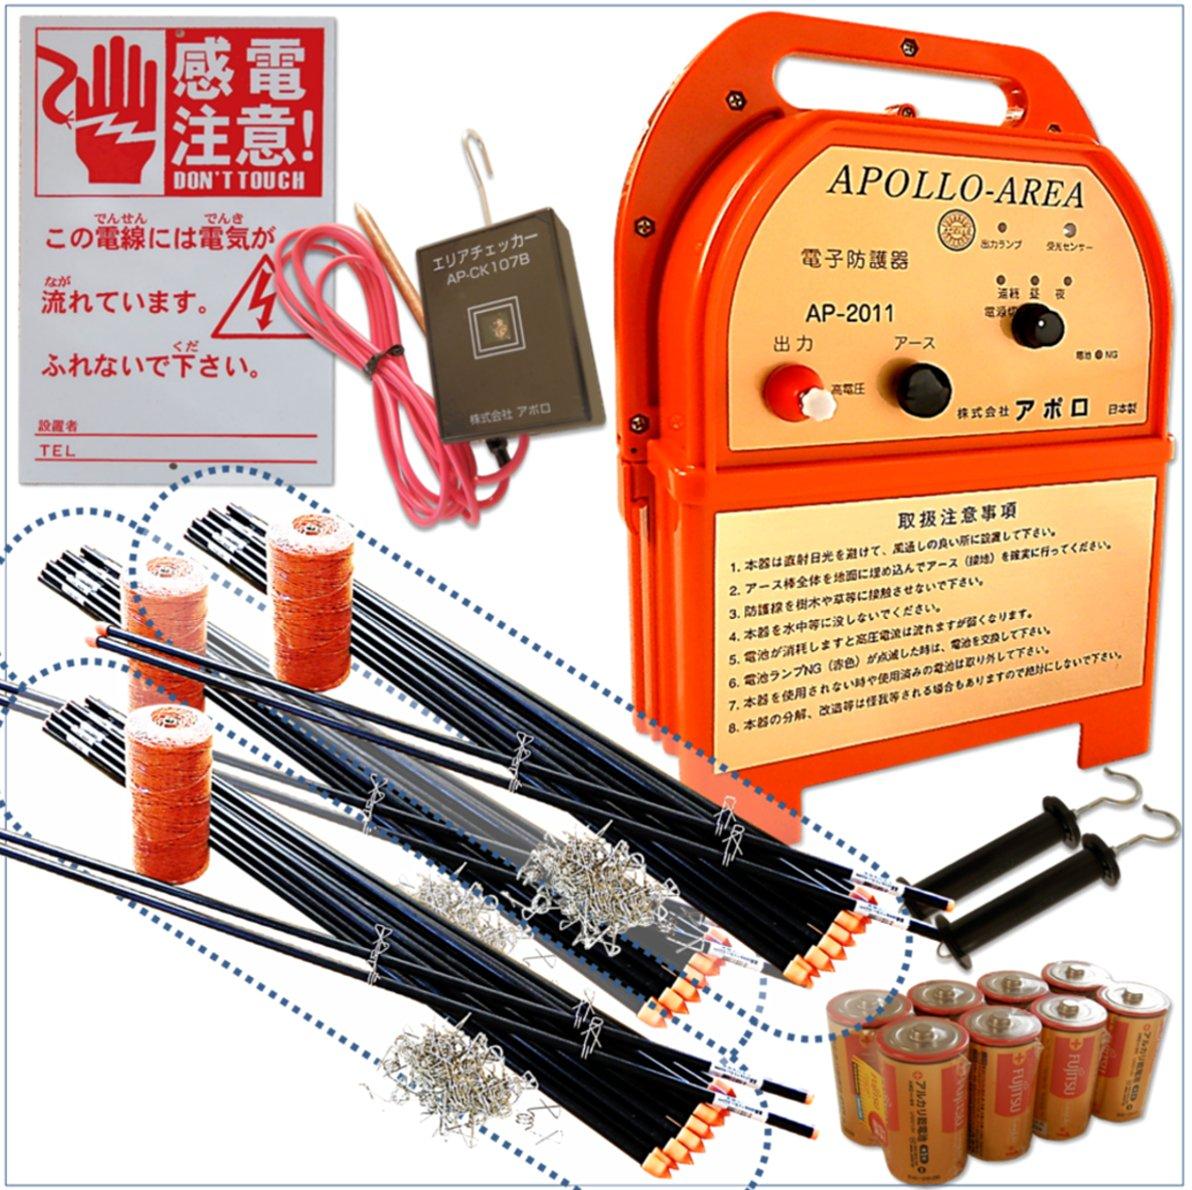 300m2段張り電気柵お得セット日本製電子防護器 アポロ AP-2011(Φ11mmポール)AP-2011-1-2d30 B06XW4RNB7